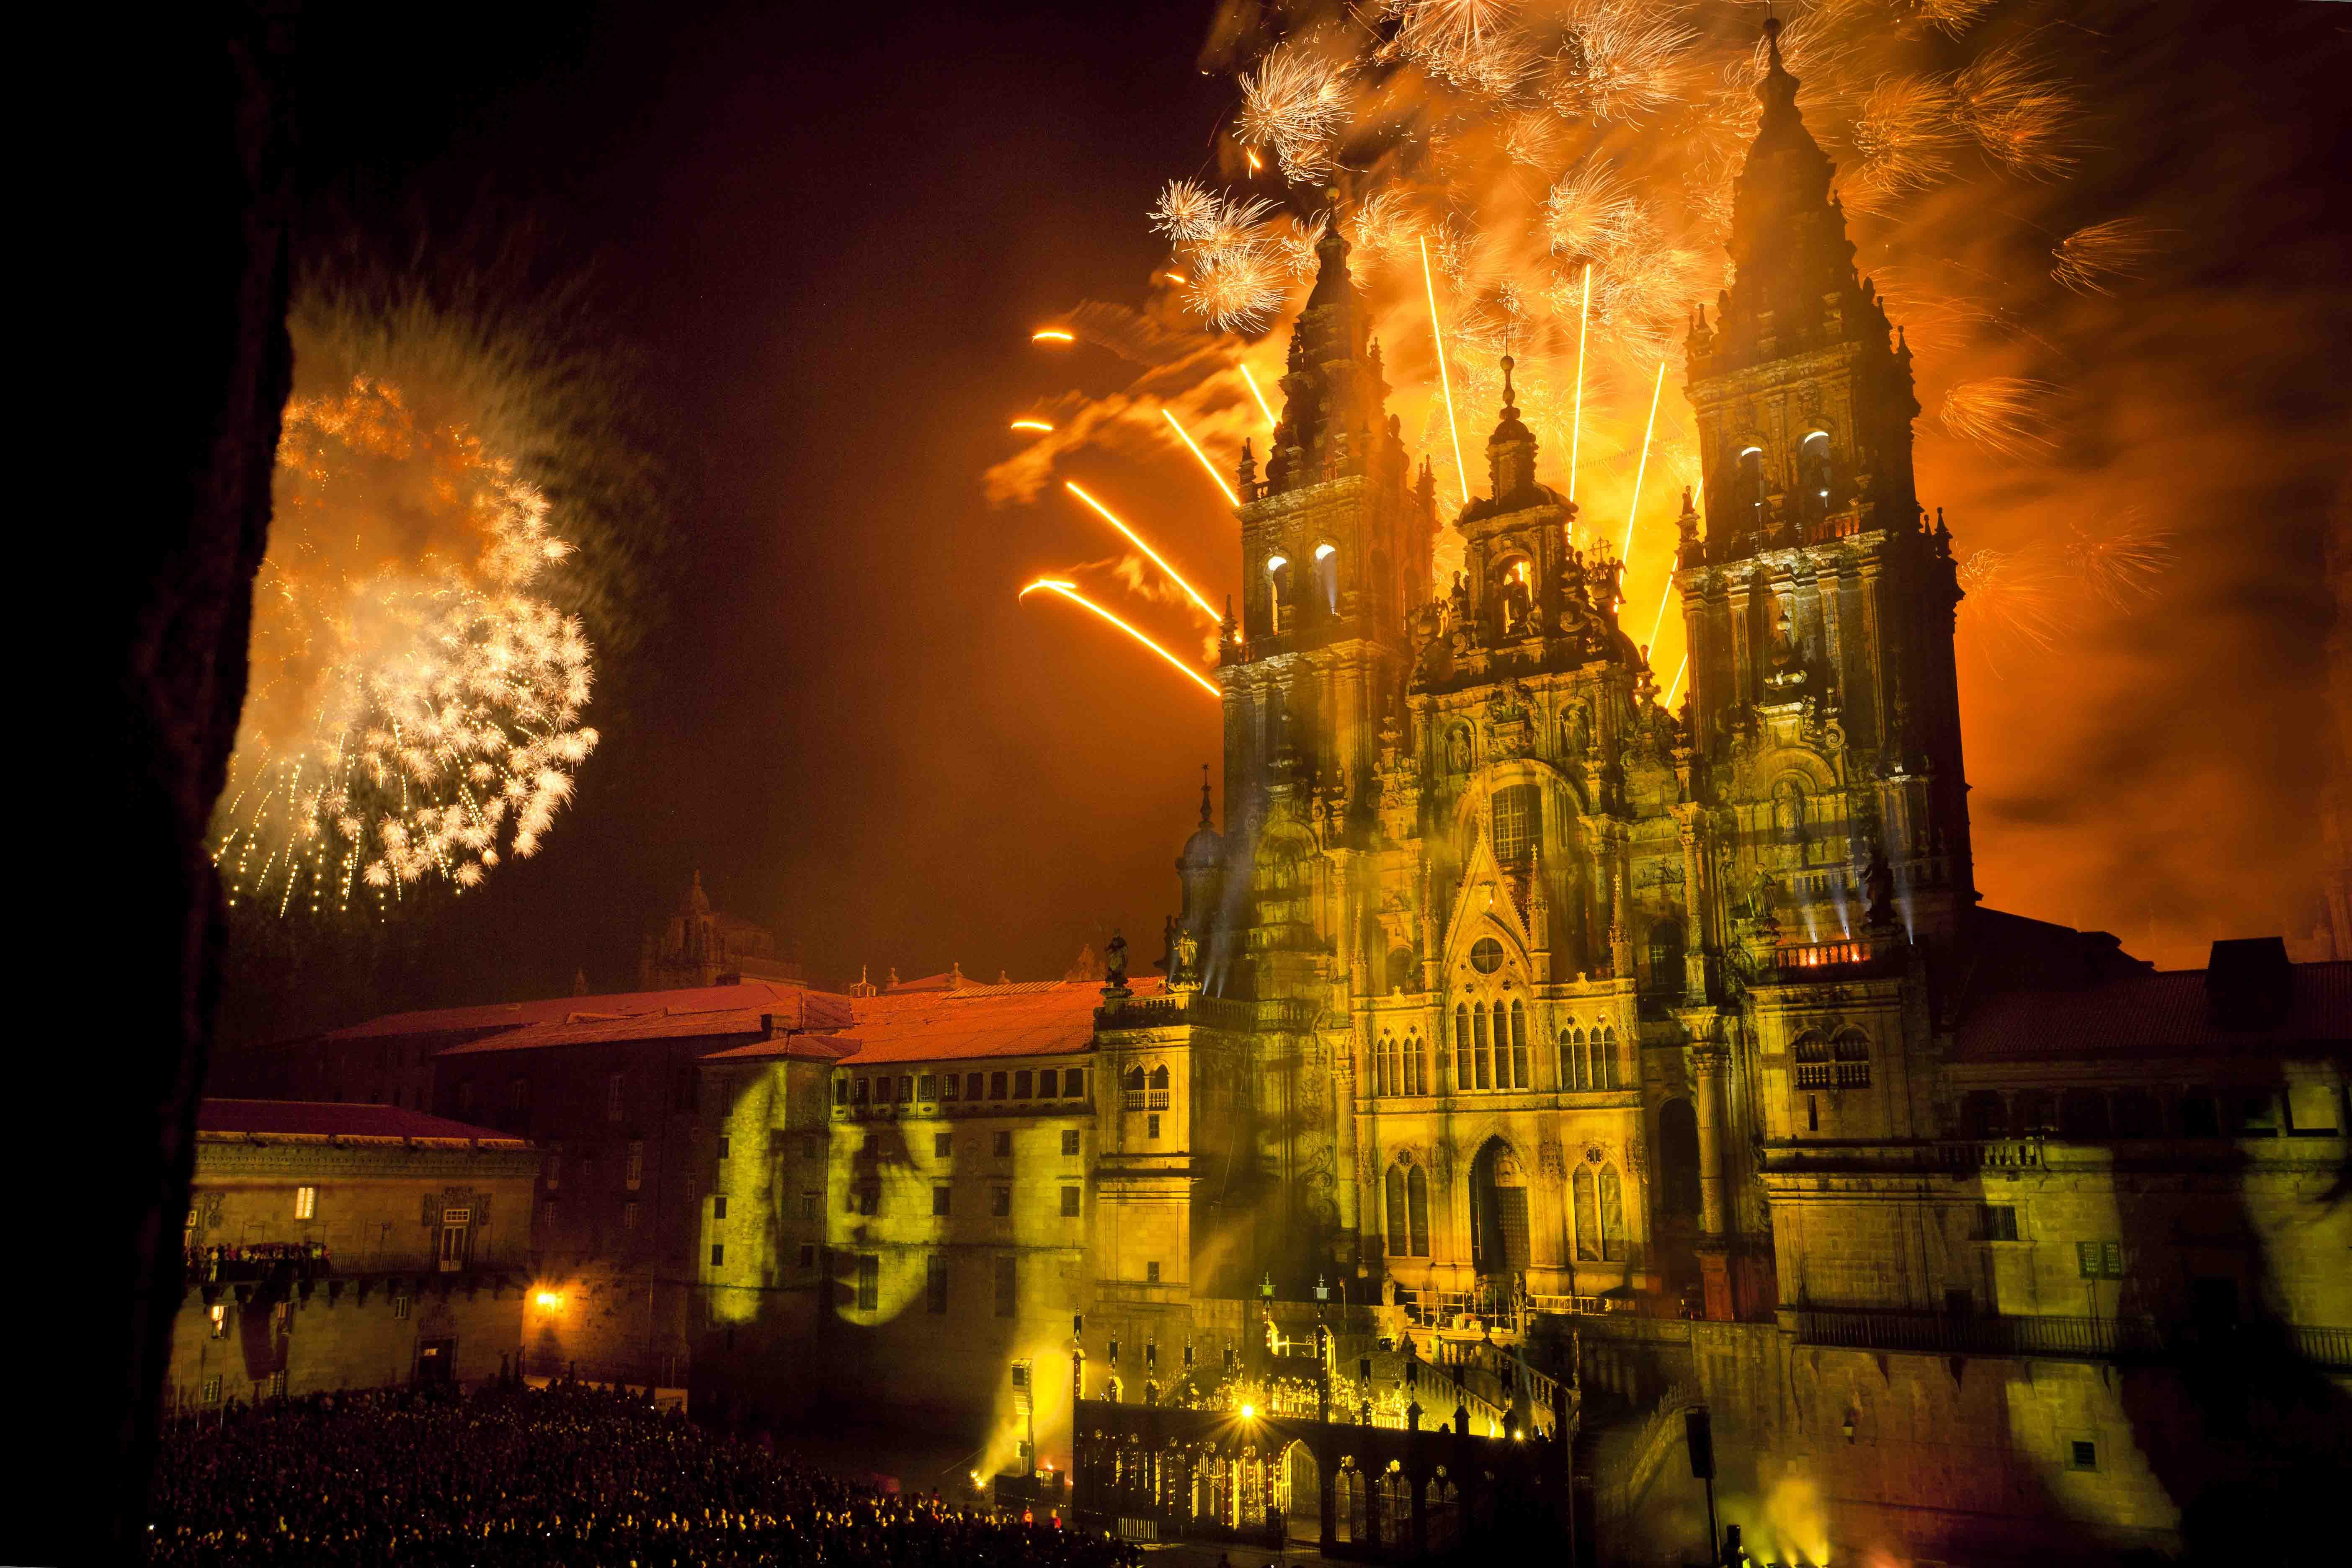 Santiago de Compostela. Plaza del Obradoiro - Espectáculo de luz y sonido de los Fuegos del Apóstol en torno a la fachada de la Catedral